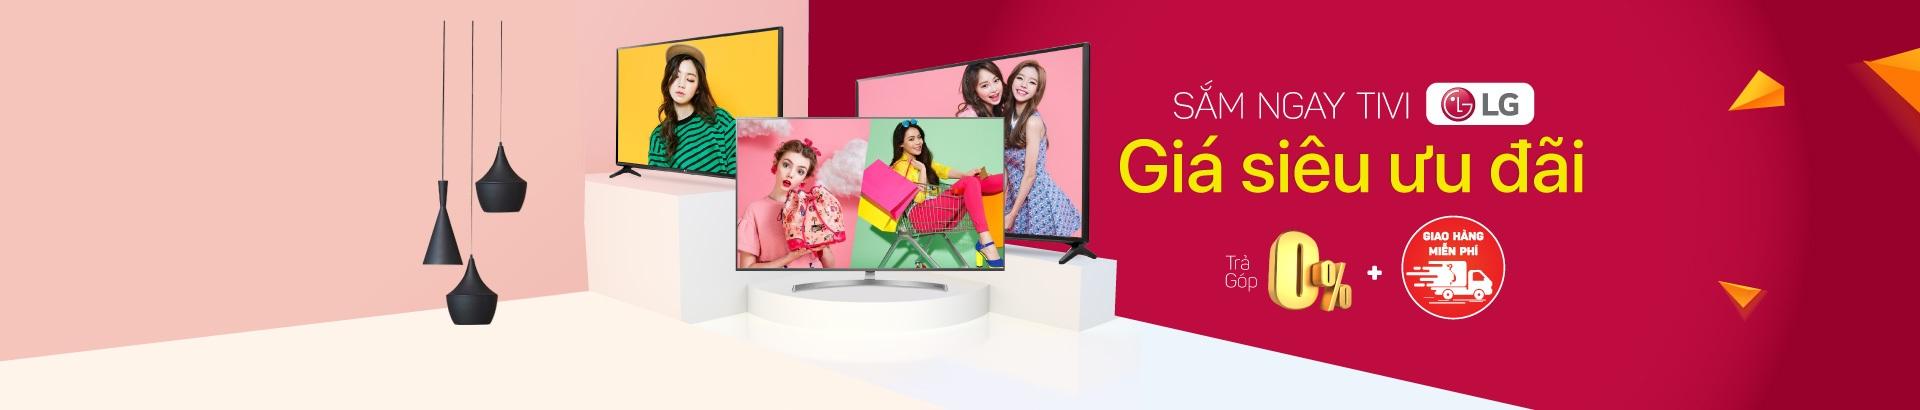 Sắm ngay Tivi LG - Giá siêu ưu đãi